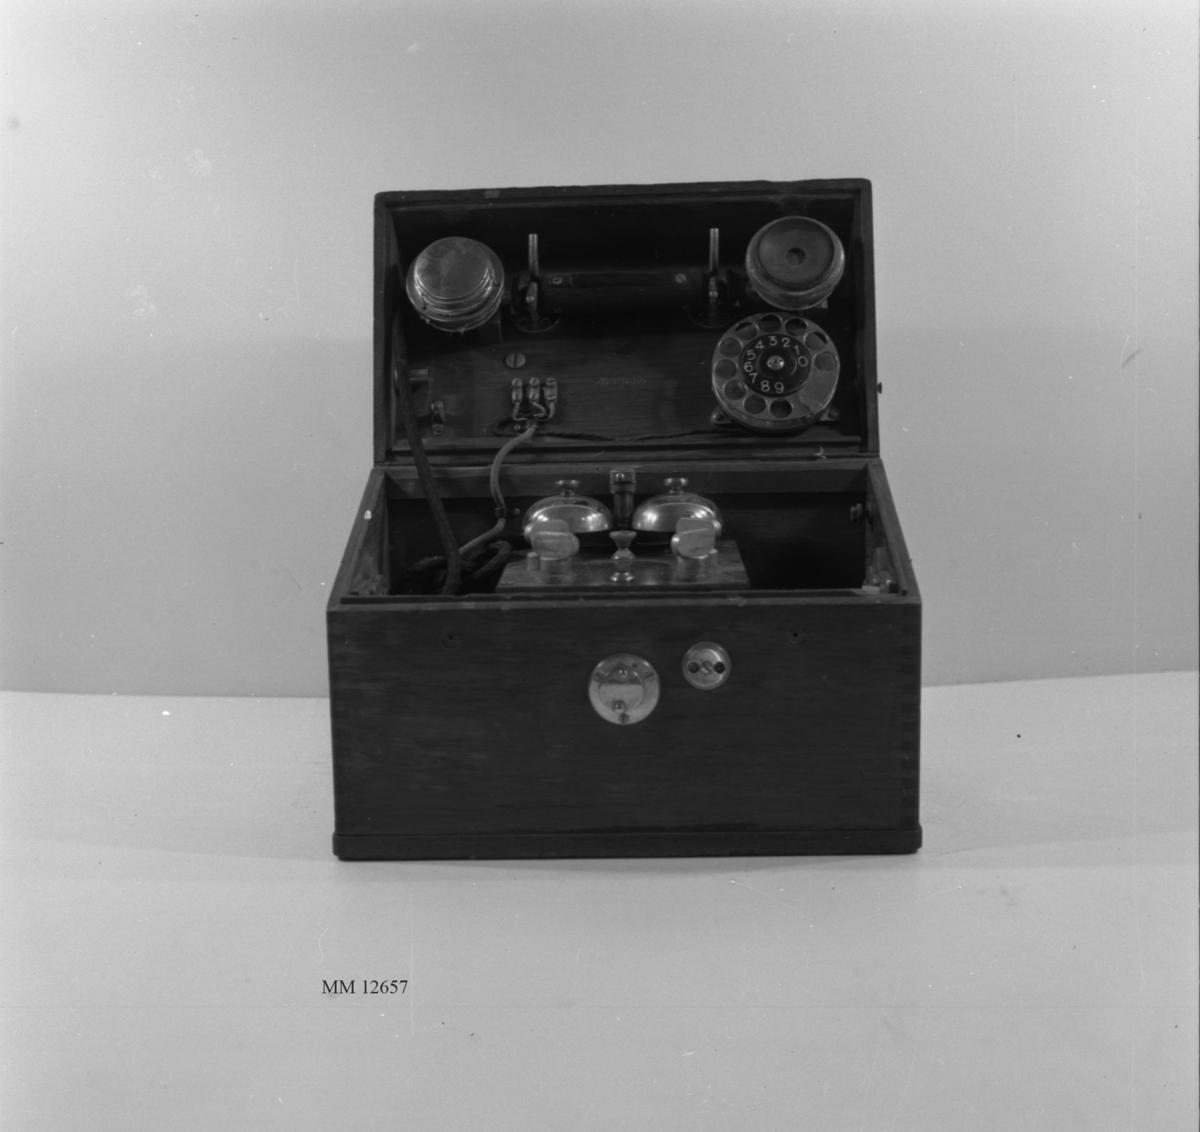 """Lådtelefon m/1908-1913. Se foto på MM 8254 (fingerskiva ej inmonterad). Inmonterad i låda av mahogny med snedskuret lock med handtag. På lockets översida rund förnicklad bricka märkt """"235"""" samt en kronstämpel. På lockets insida : """"11  58705""""."""